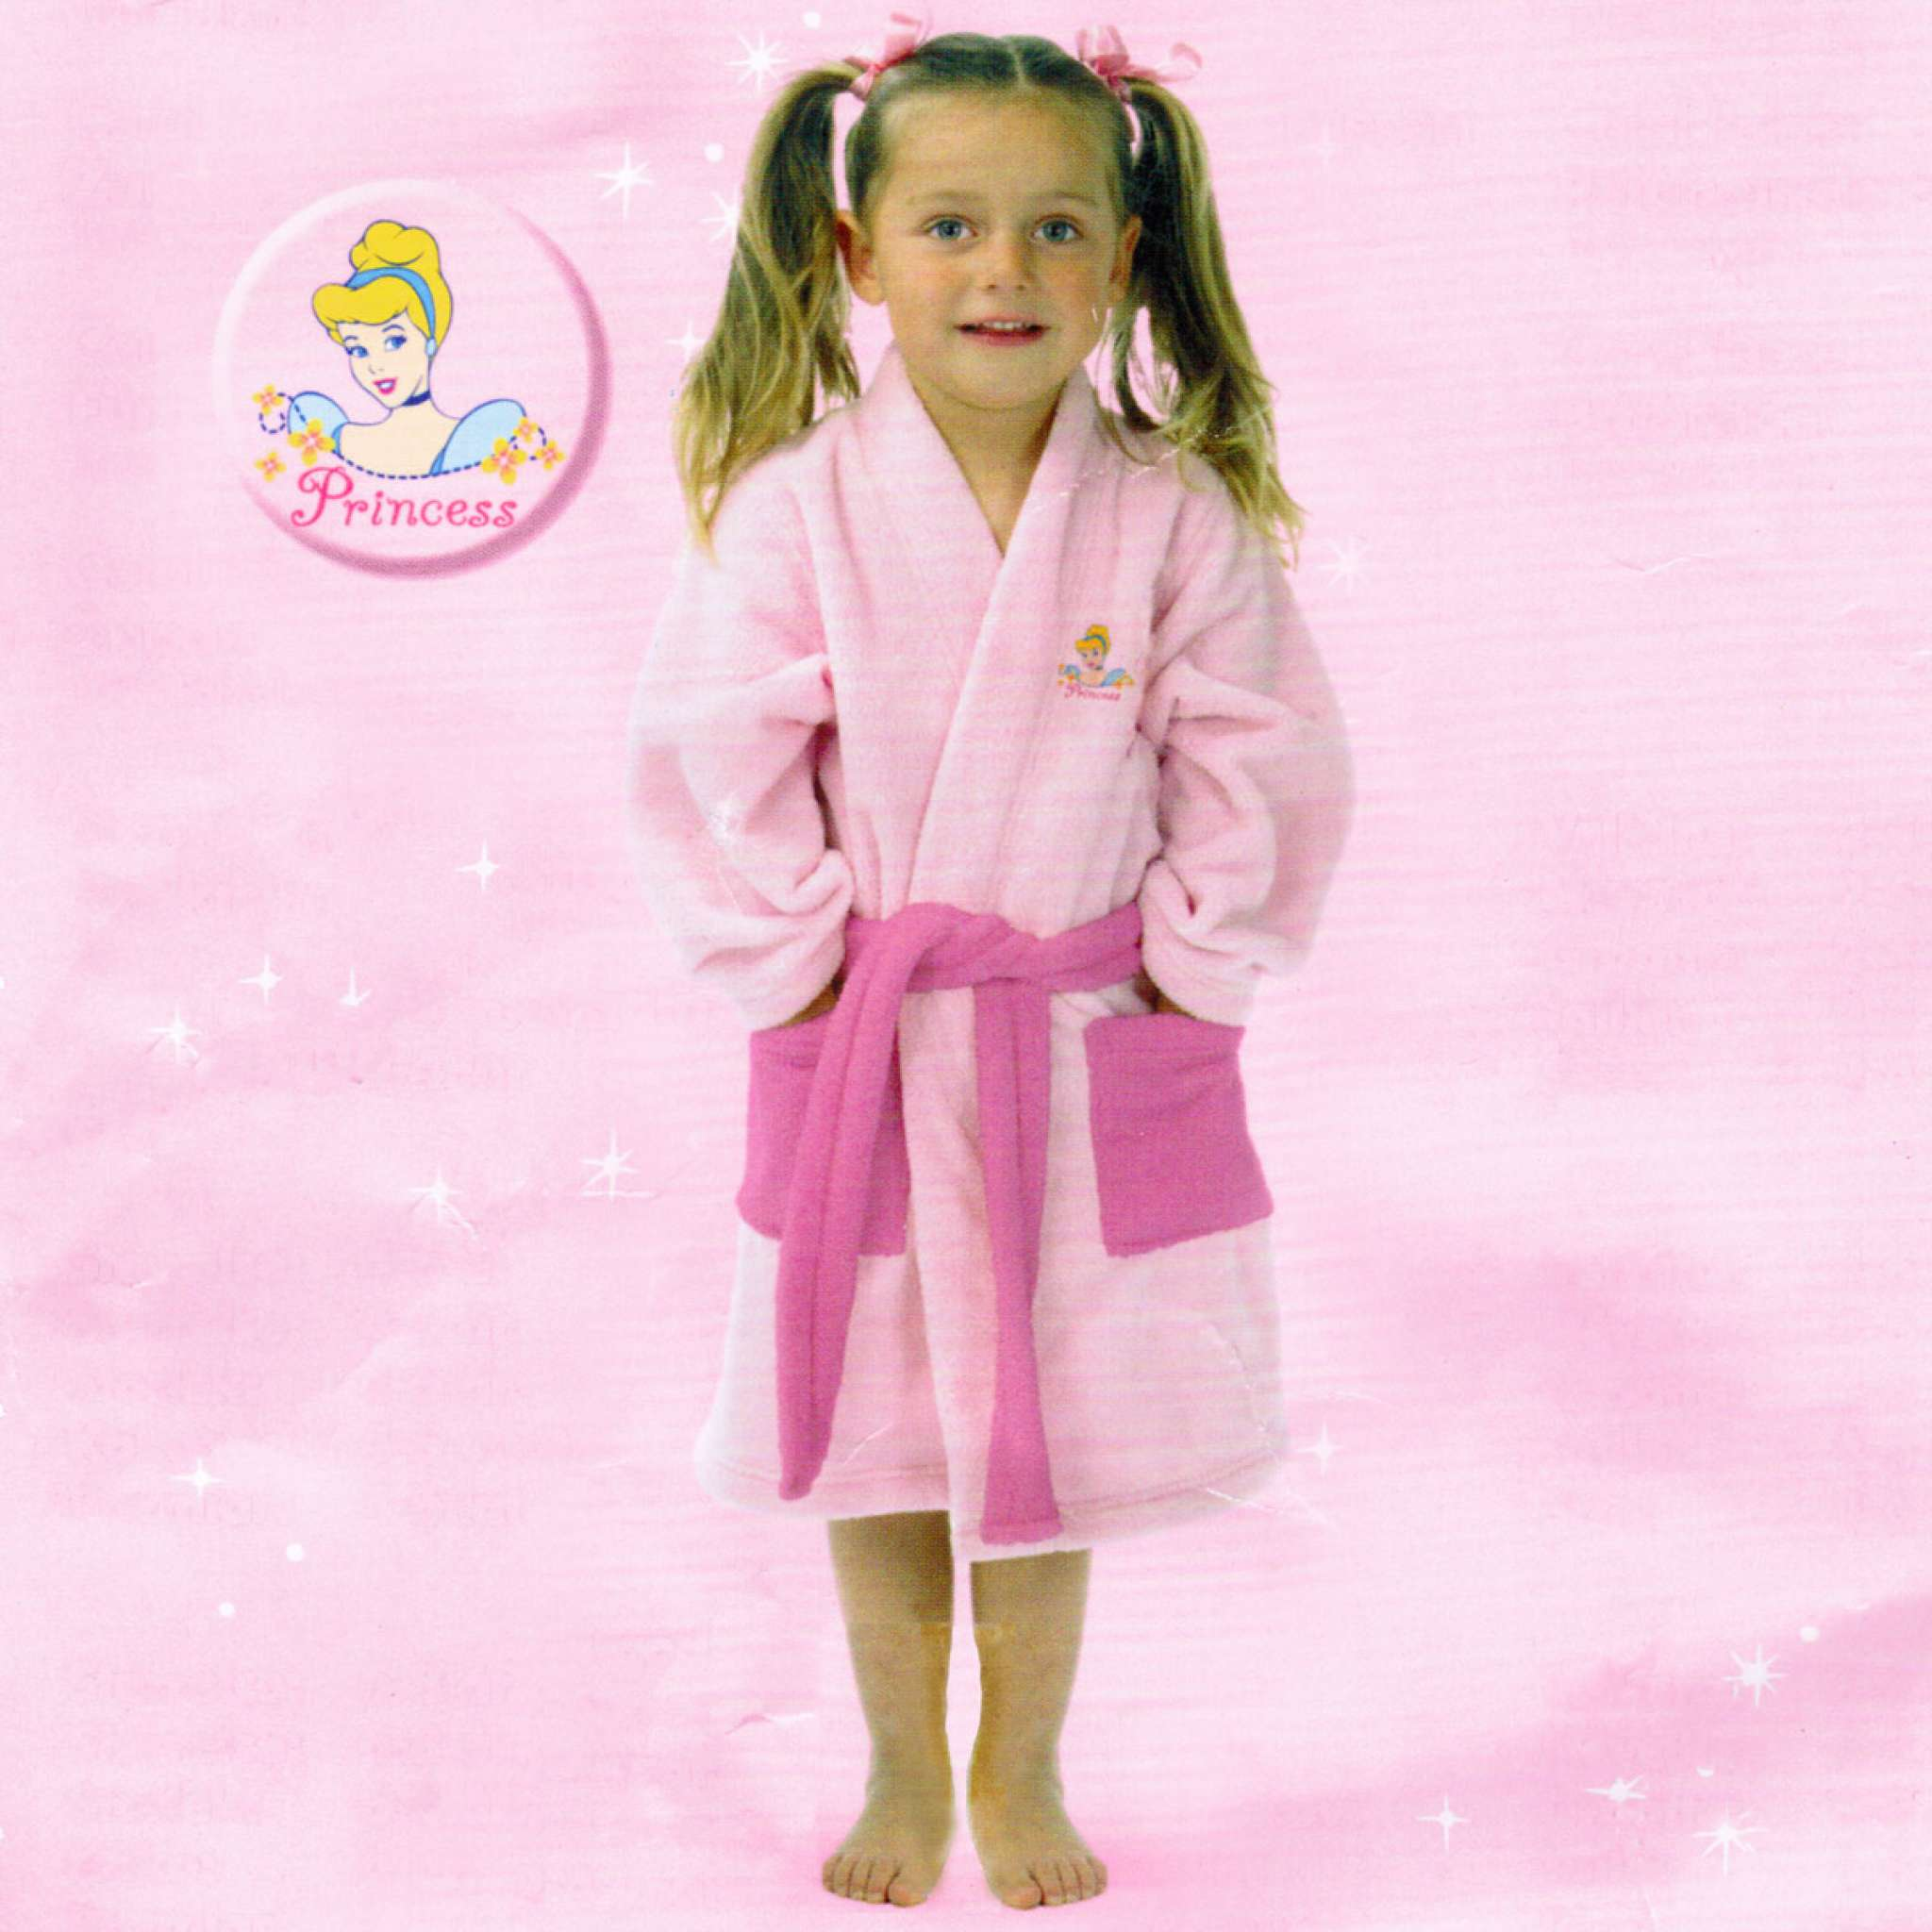 Badekåpe Prinsesse 8-10 år